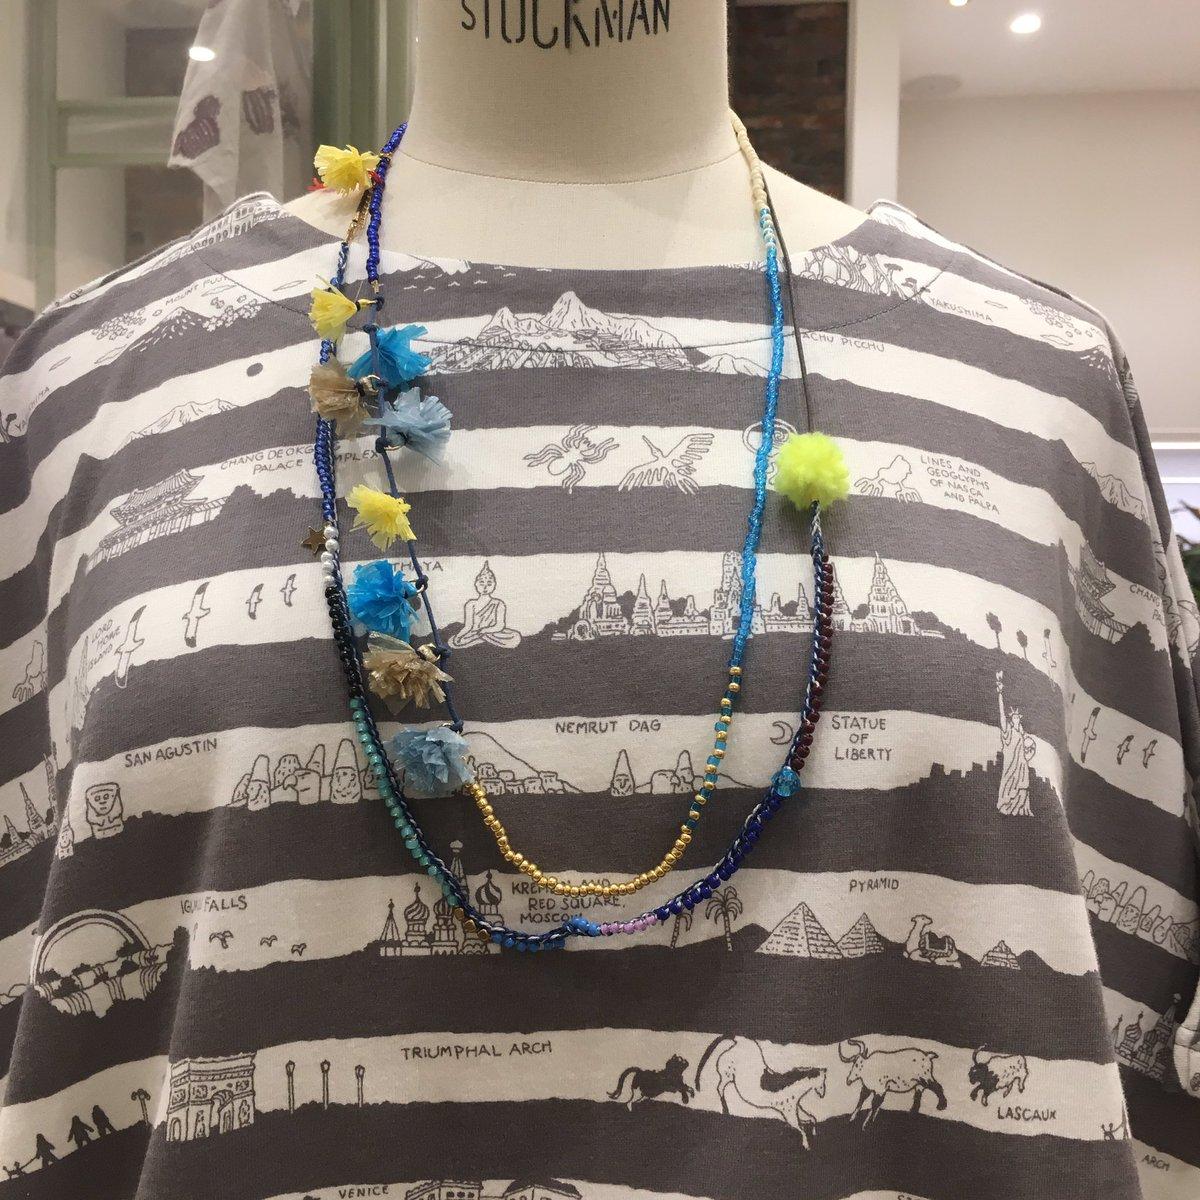 test ツイッターメディア - 夏服を彩るアクセサリーも夏らしい鮮やかななカラーを取り揃えてます☀️マーブルのいつものお洋服にプラスワンアイテムで夏を先取りしませんか?たくさんアクセサリー取り揃えております❗️ぜひ店頭でご覧下さいね😊お待ちしております💫梅田店スタッフ一同 #マーブルシュッド  #ルクアイーレ https://t.co/QZtux6US8q